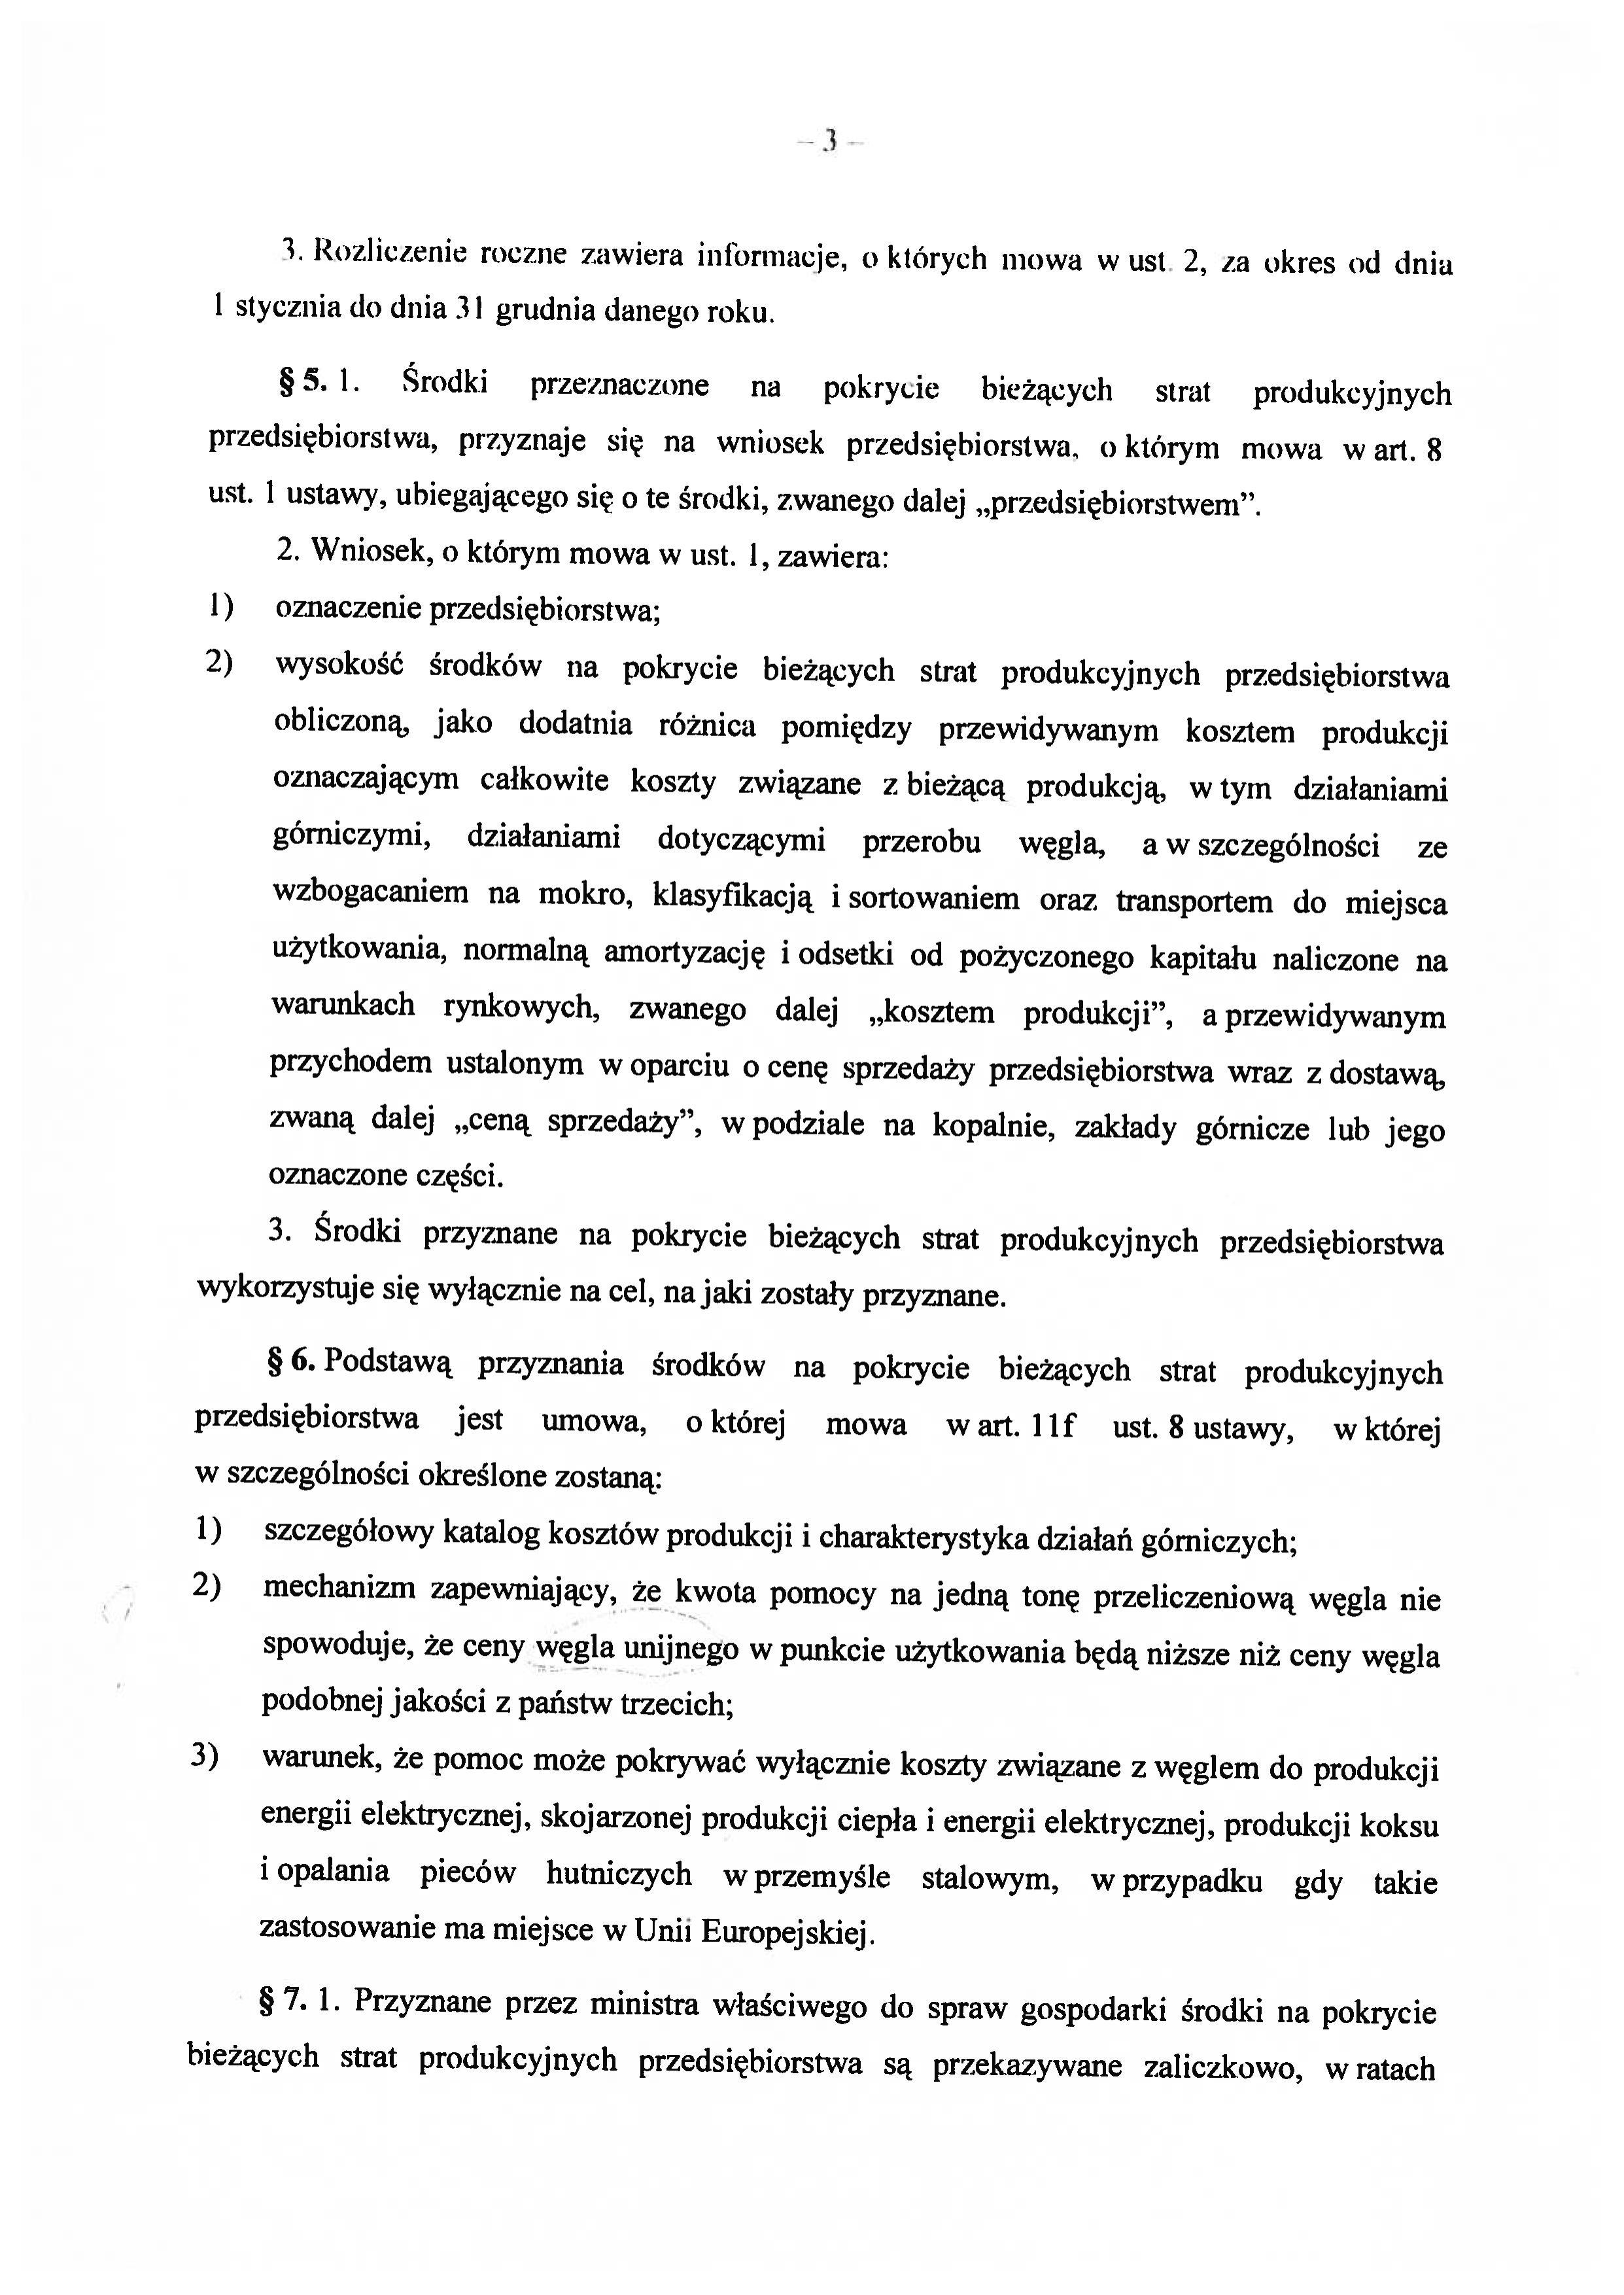 Roz-odpr-30-03-2015-dokument157156_03